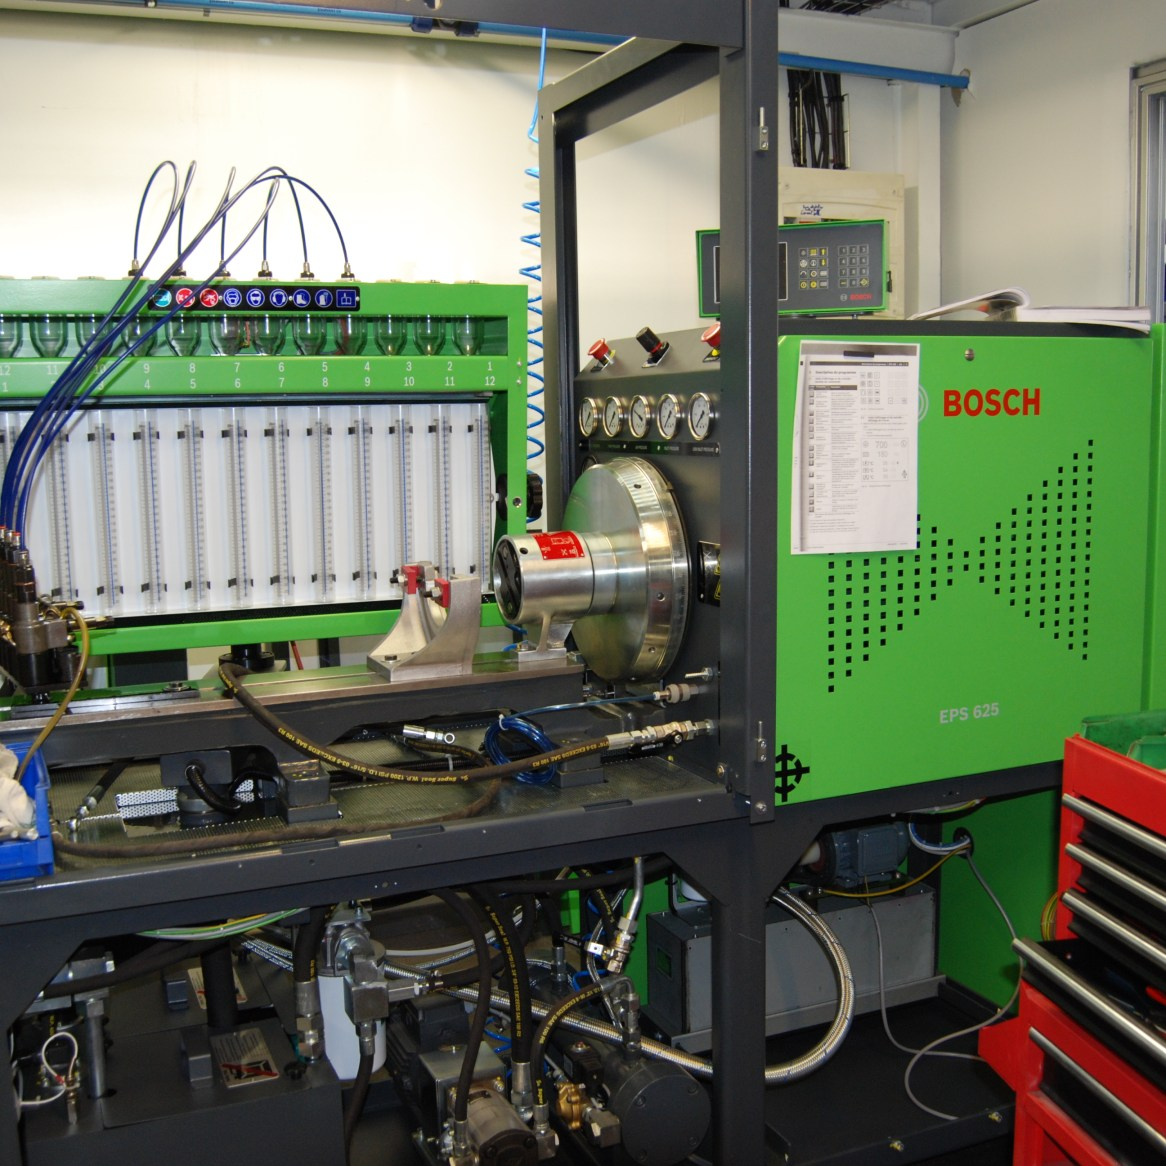 Banc essai Pompe à injection Bosch EPS 625